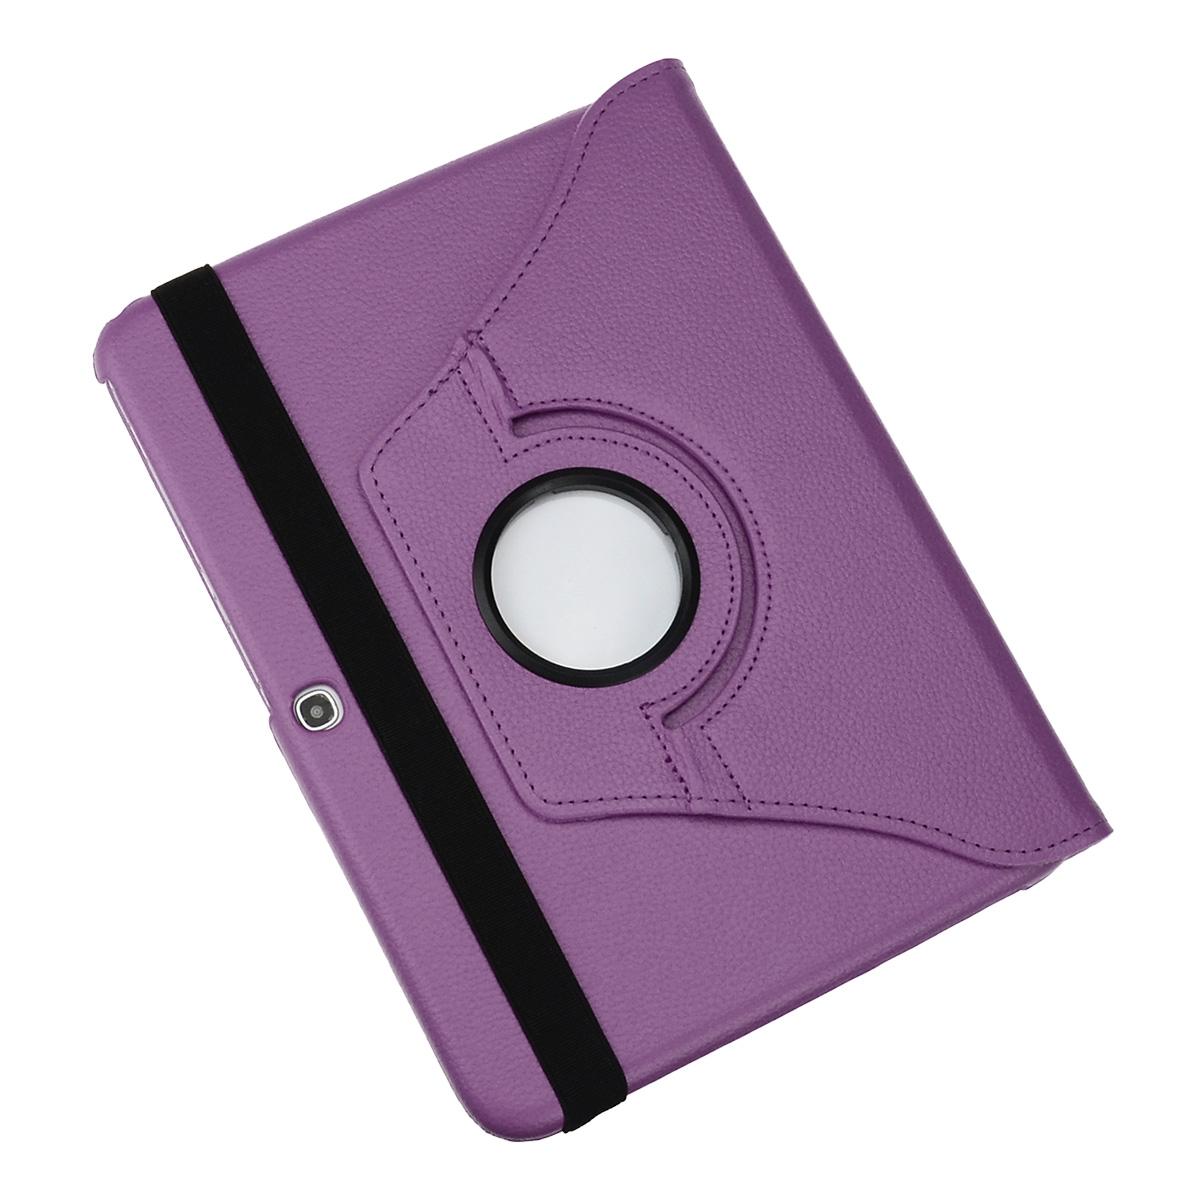 360-drehbar-Huelle-Samsung-Tab-E-9-6-Schutz-Cover-Case-Tasche-Etui-Staender-Folie Indexbild 26